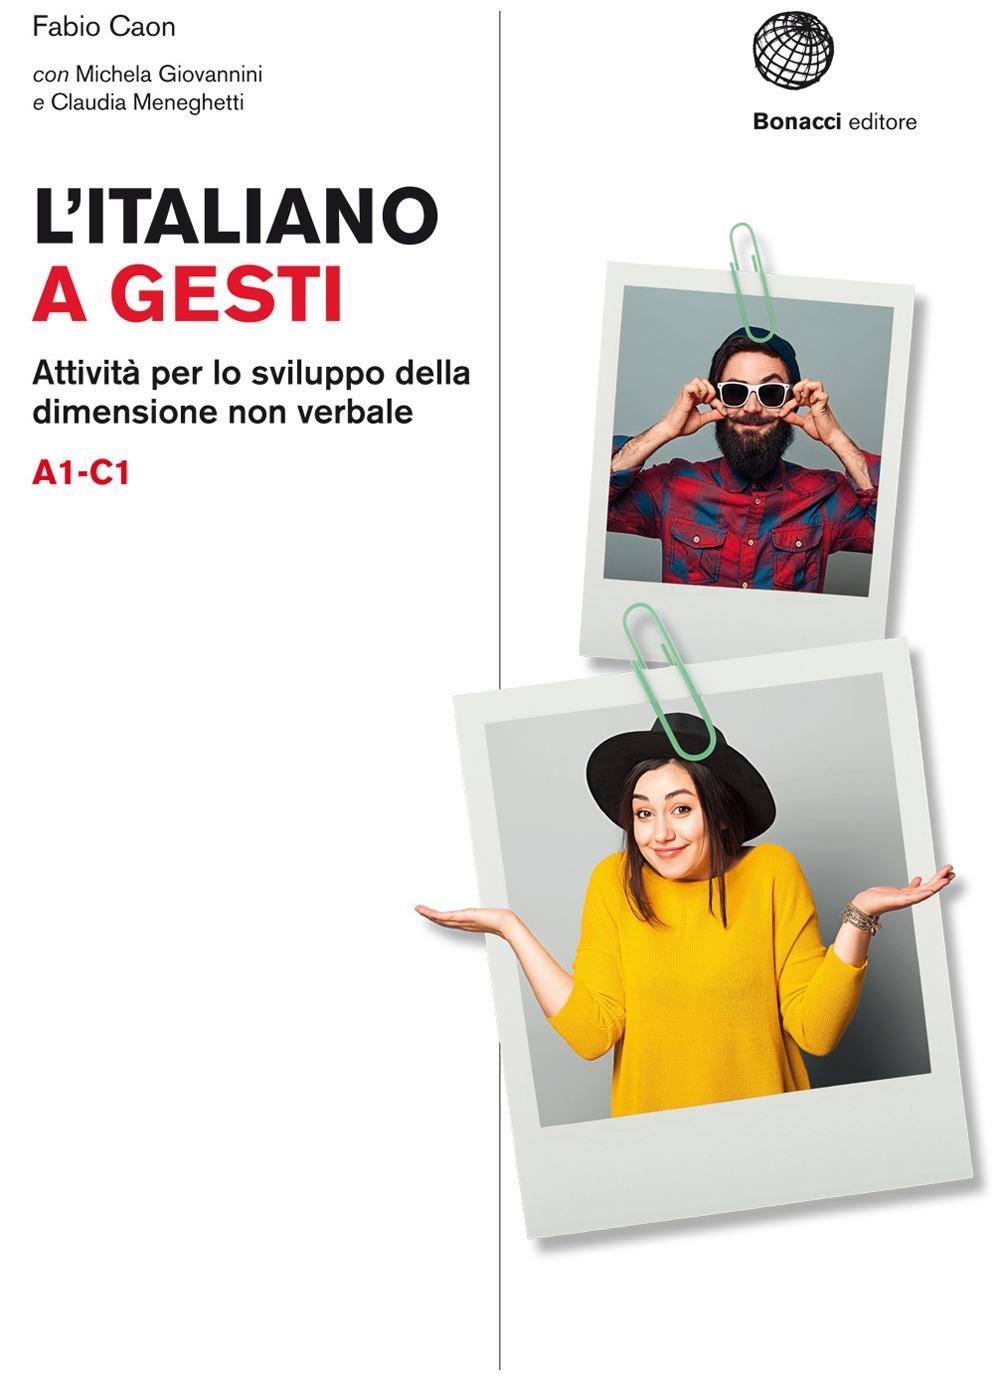 L'italiano a gesti. Attività per lo sviluppo della dimensione non verbale. (A1-C1)